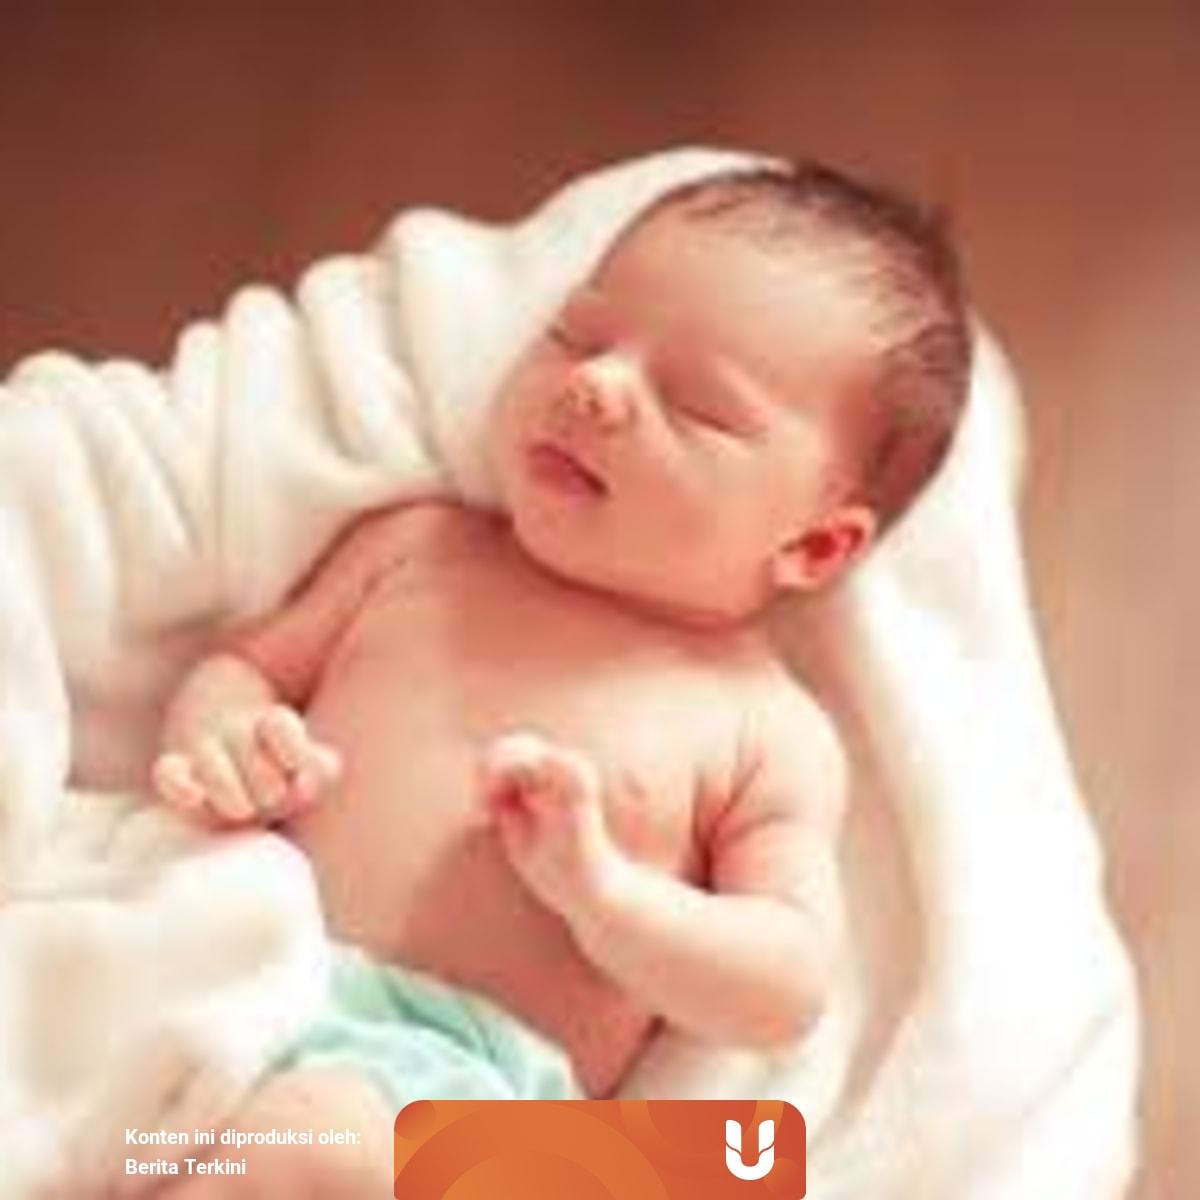 Doa Ucapan Selamat Untuk Kelahiran Anak Dalam Islam Kumparan Com